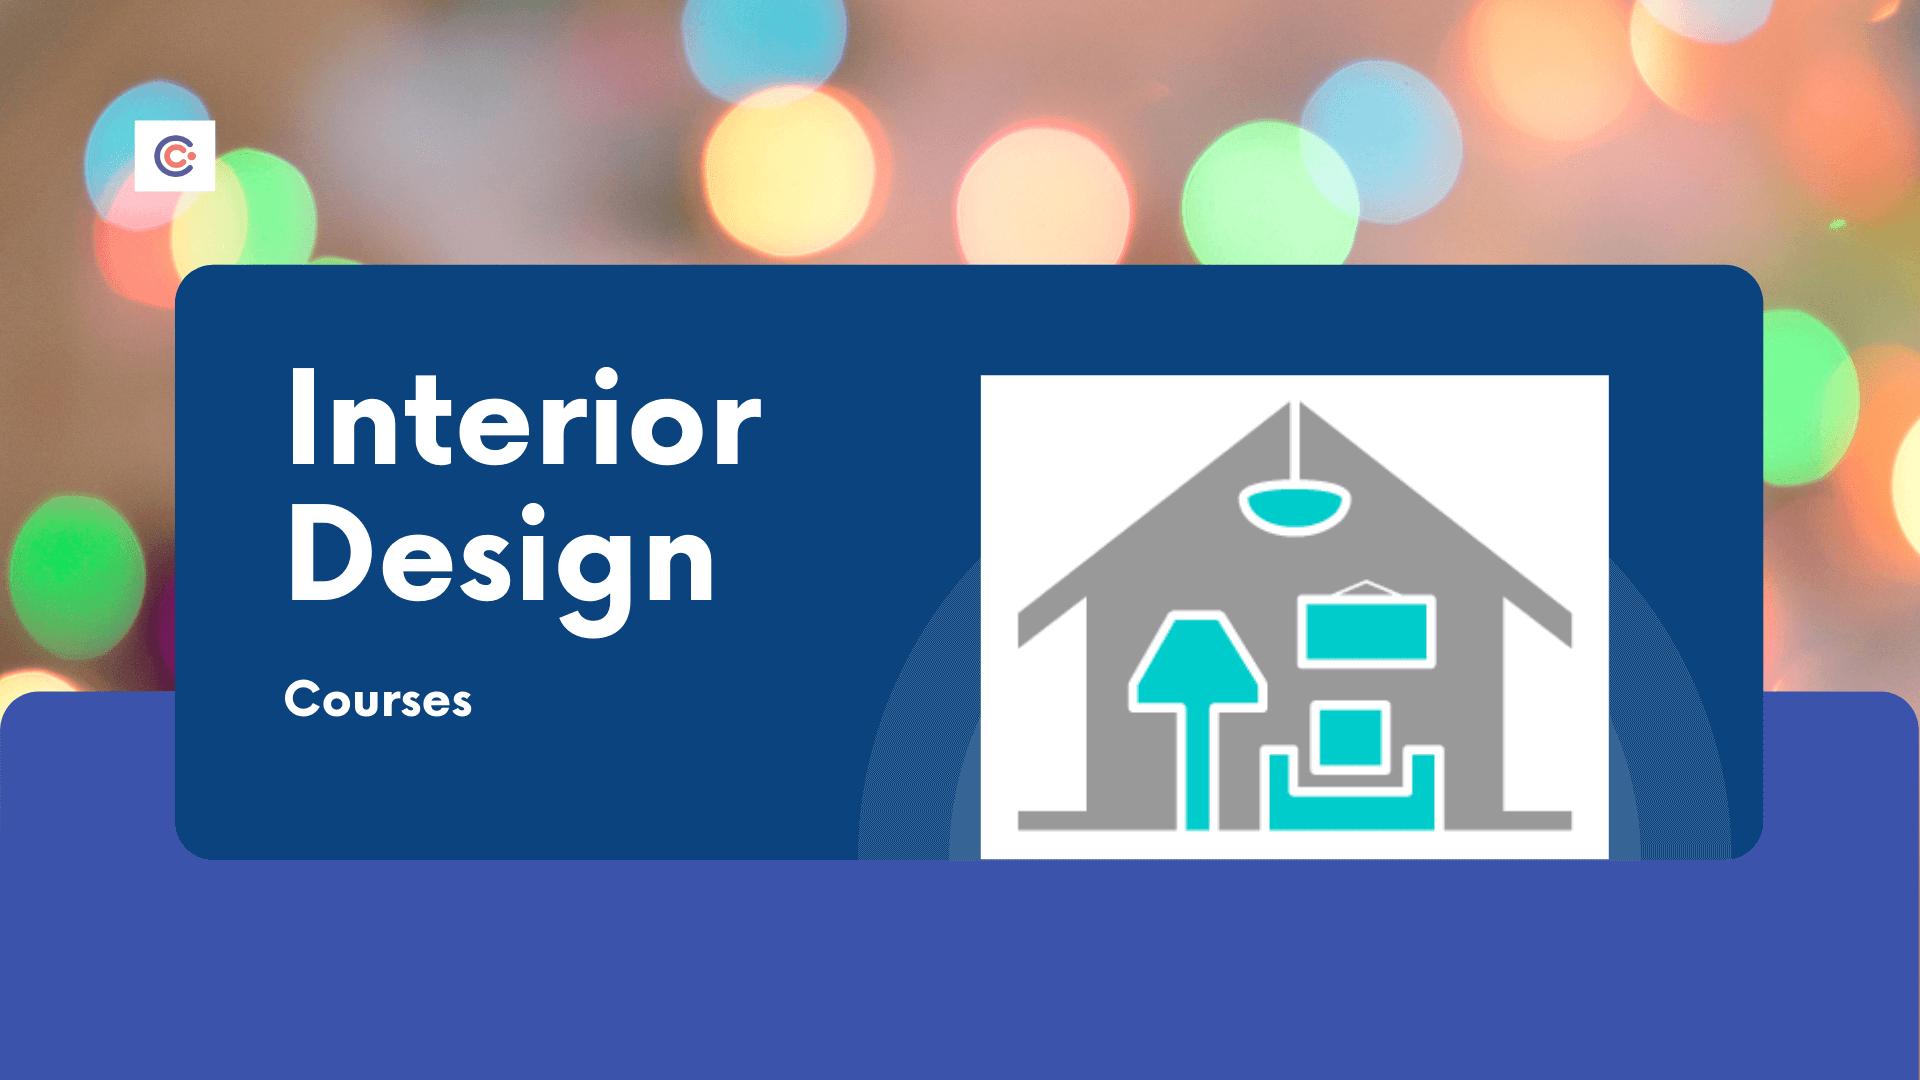 7 Best Interior Design Classes Online in 2021